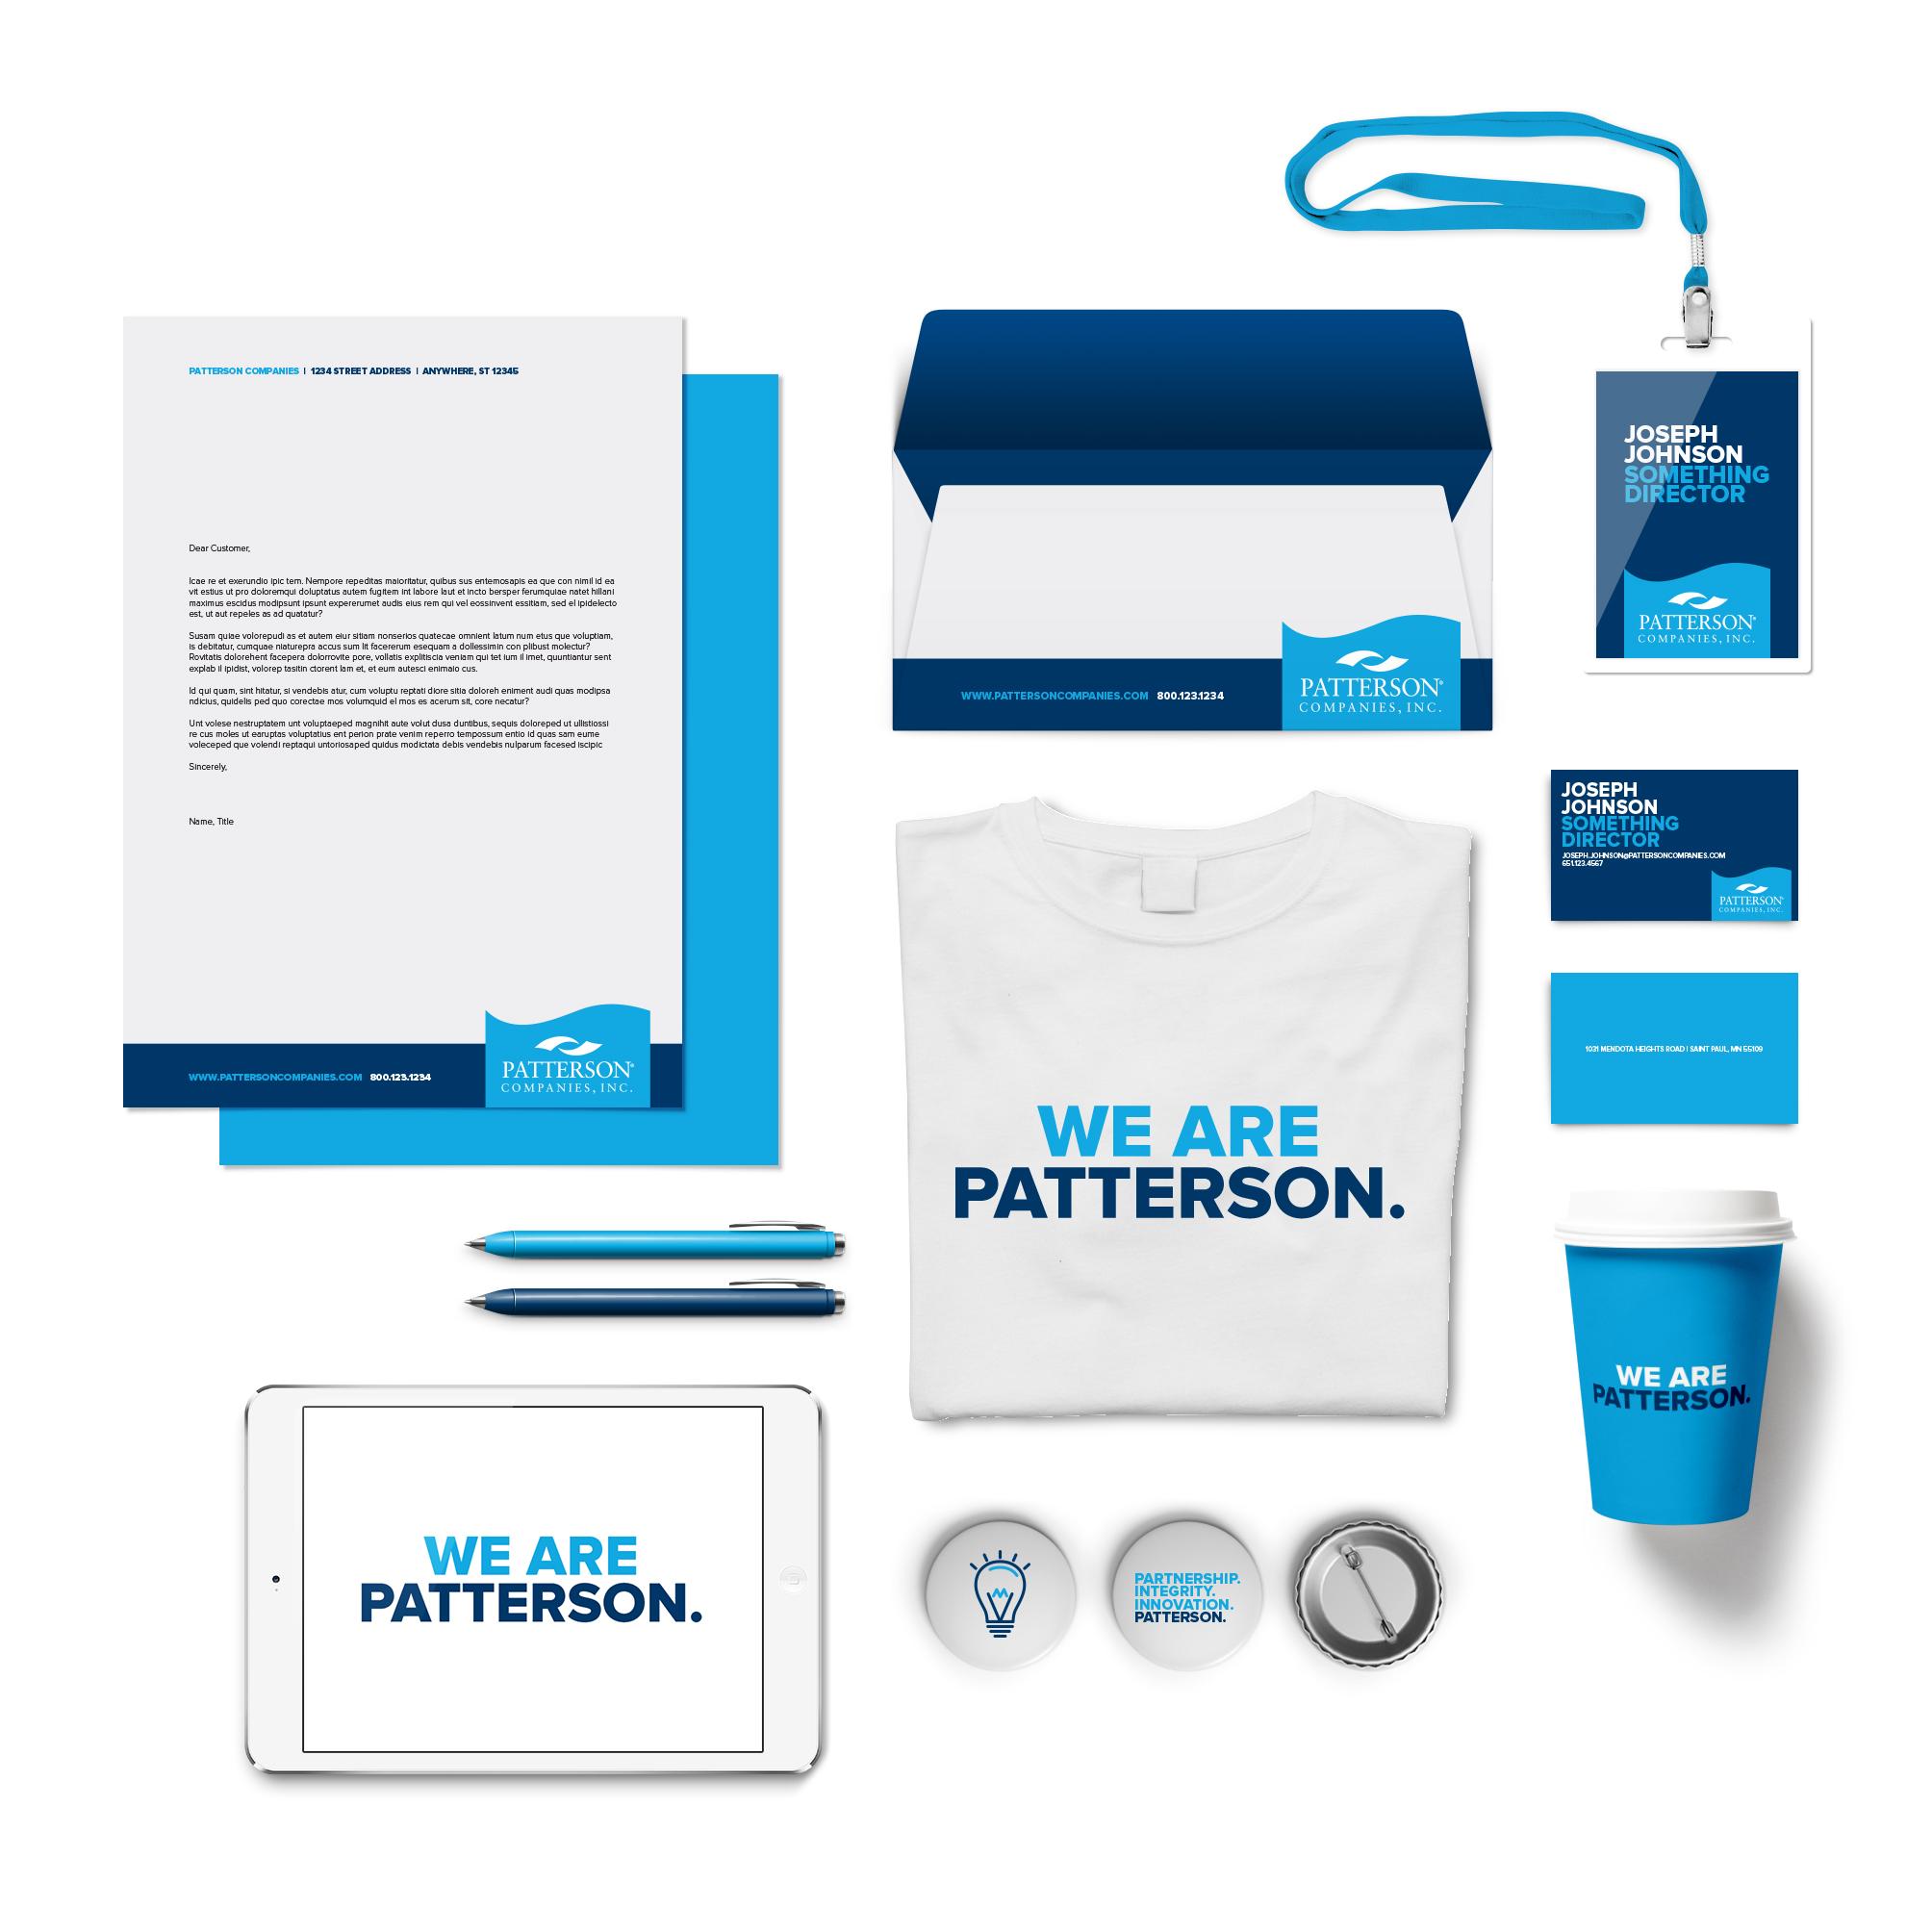 Patterson Corporate Identity Design